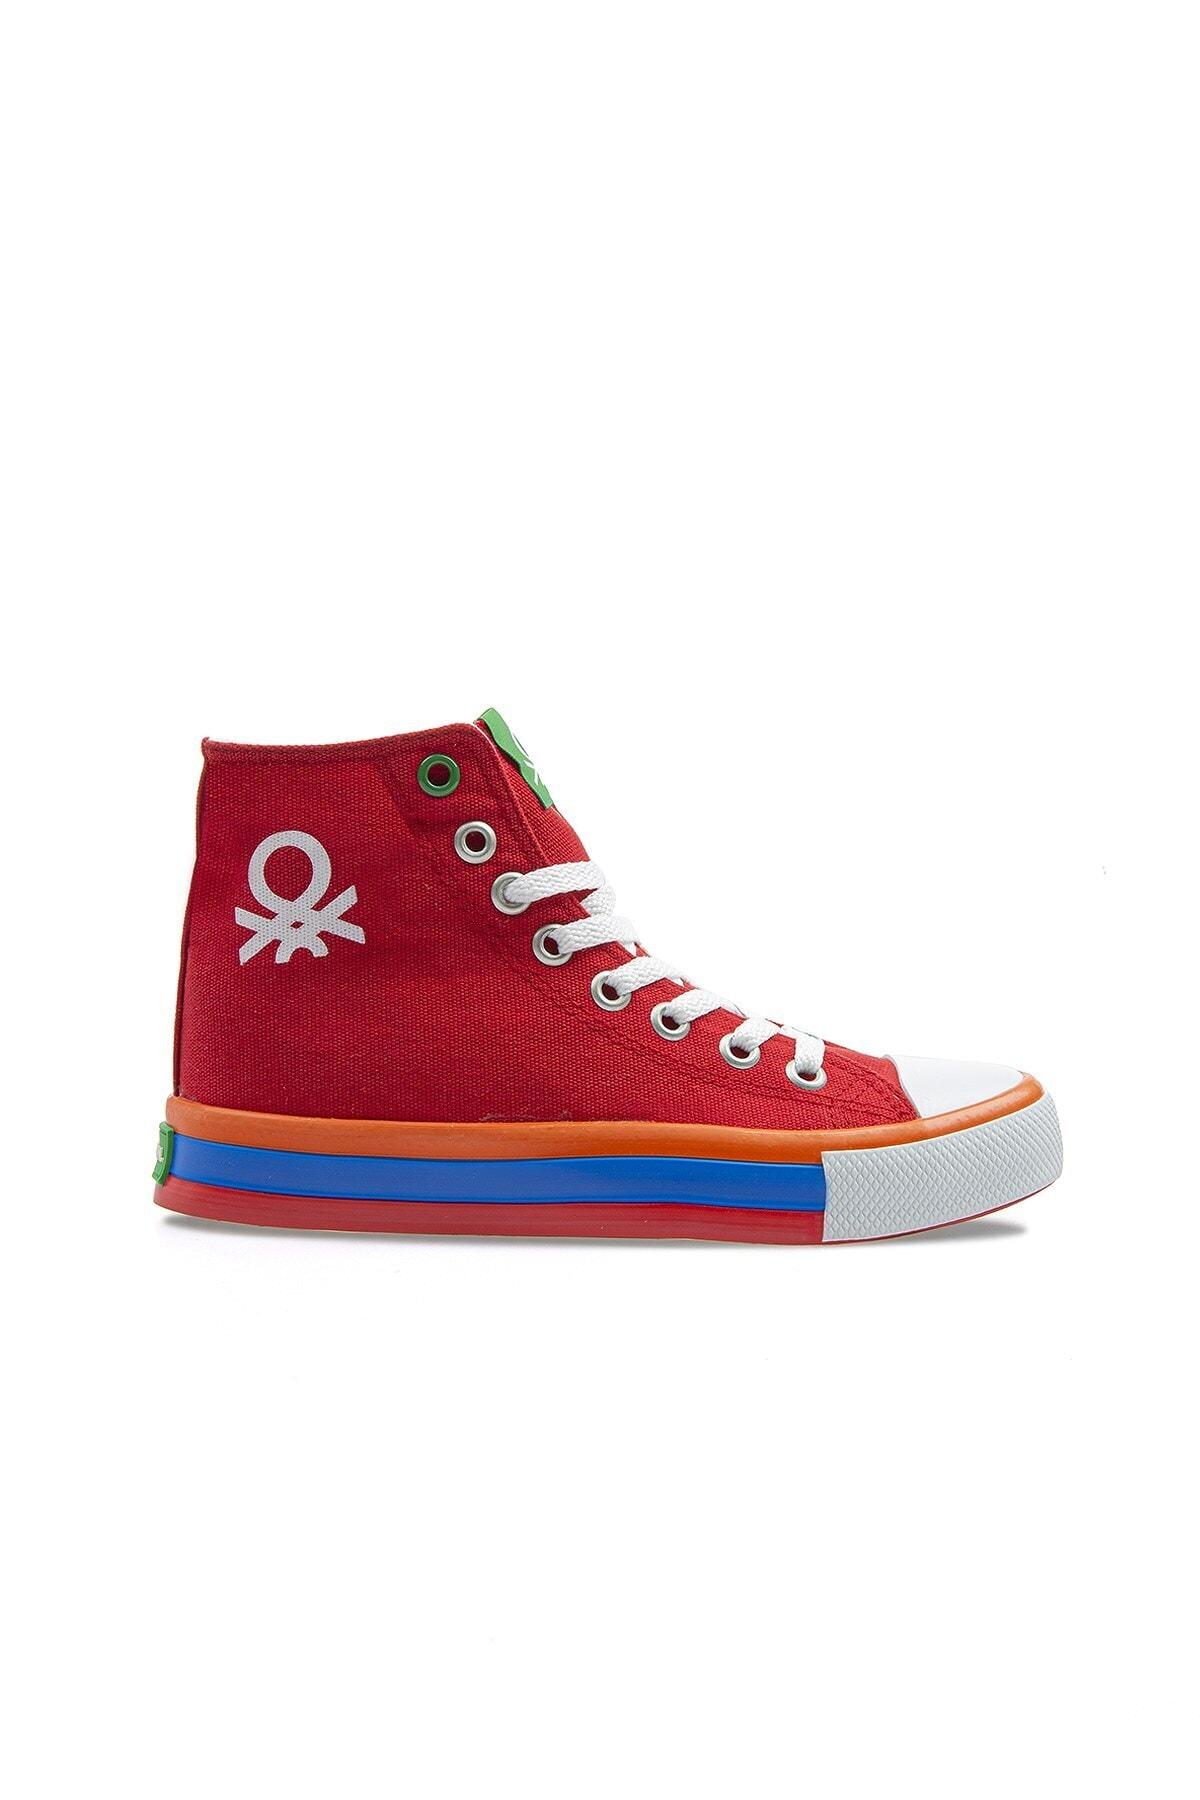 Kadın Kırmızı Bağcıklı Spor Ayakkabı